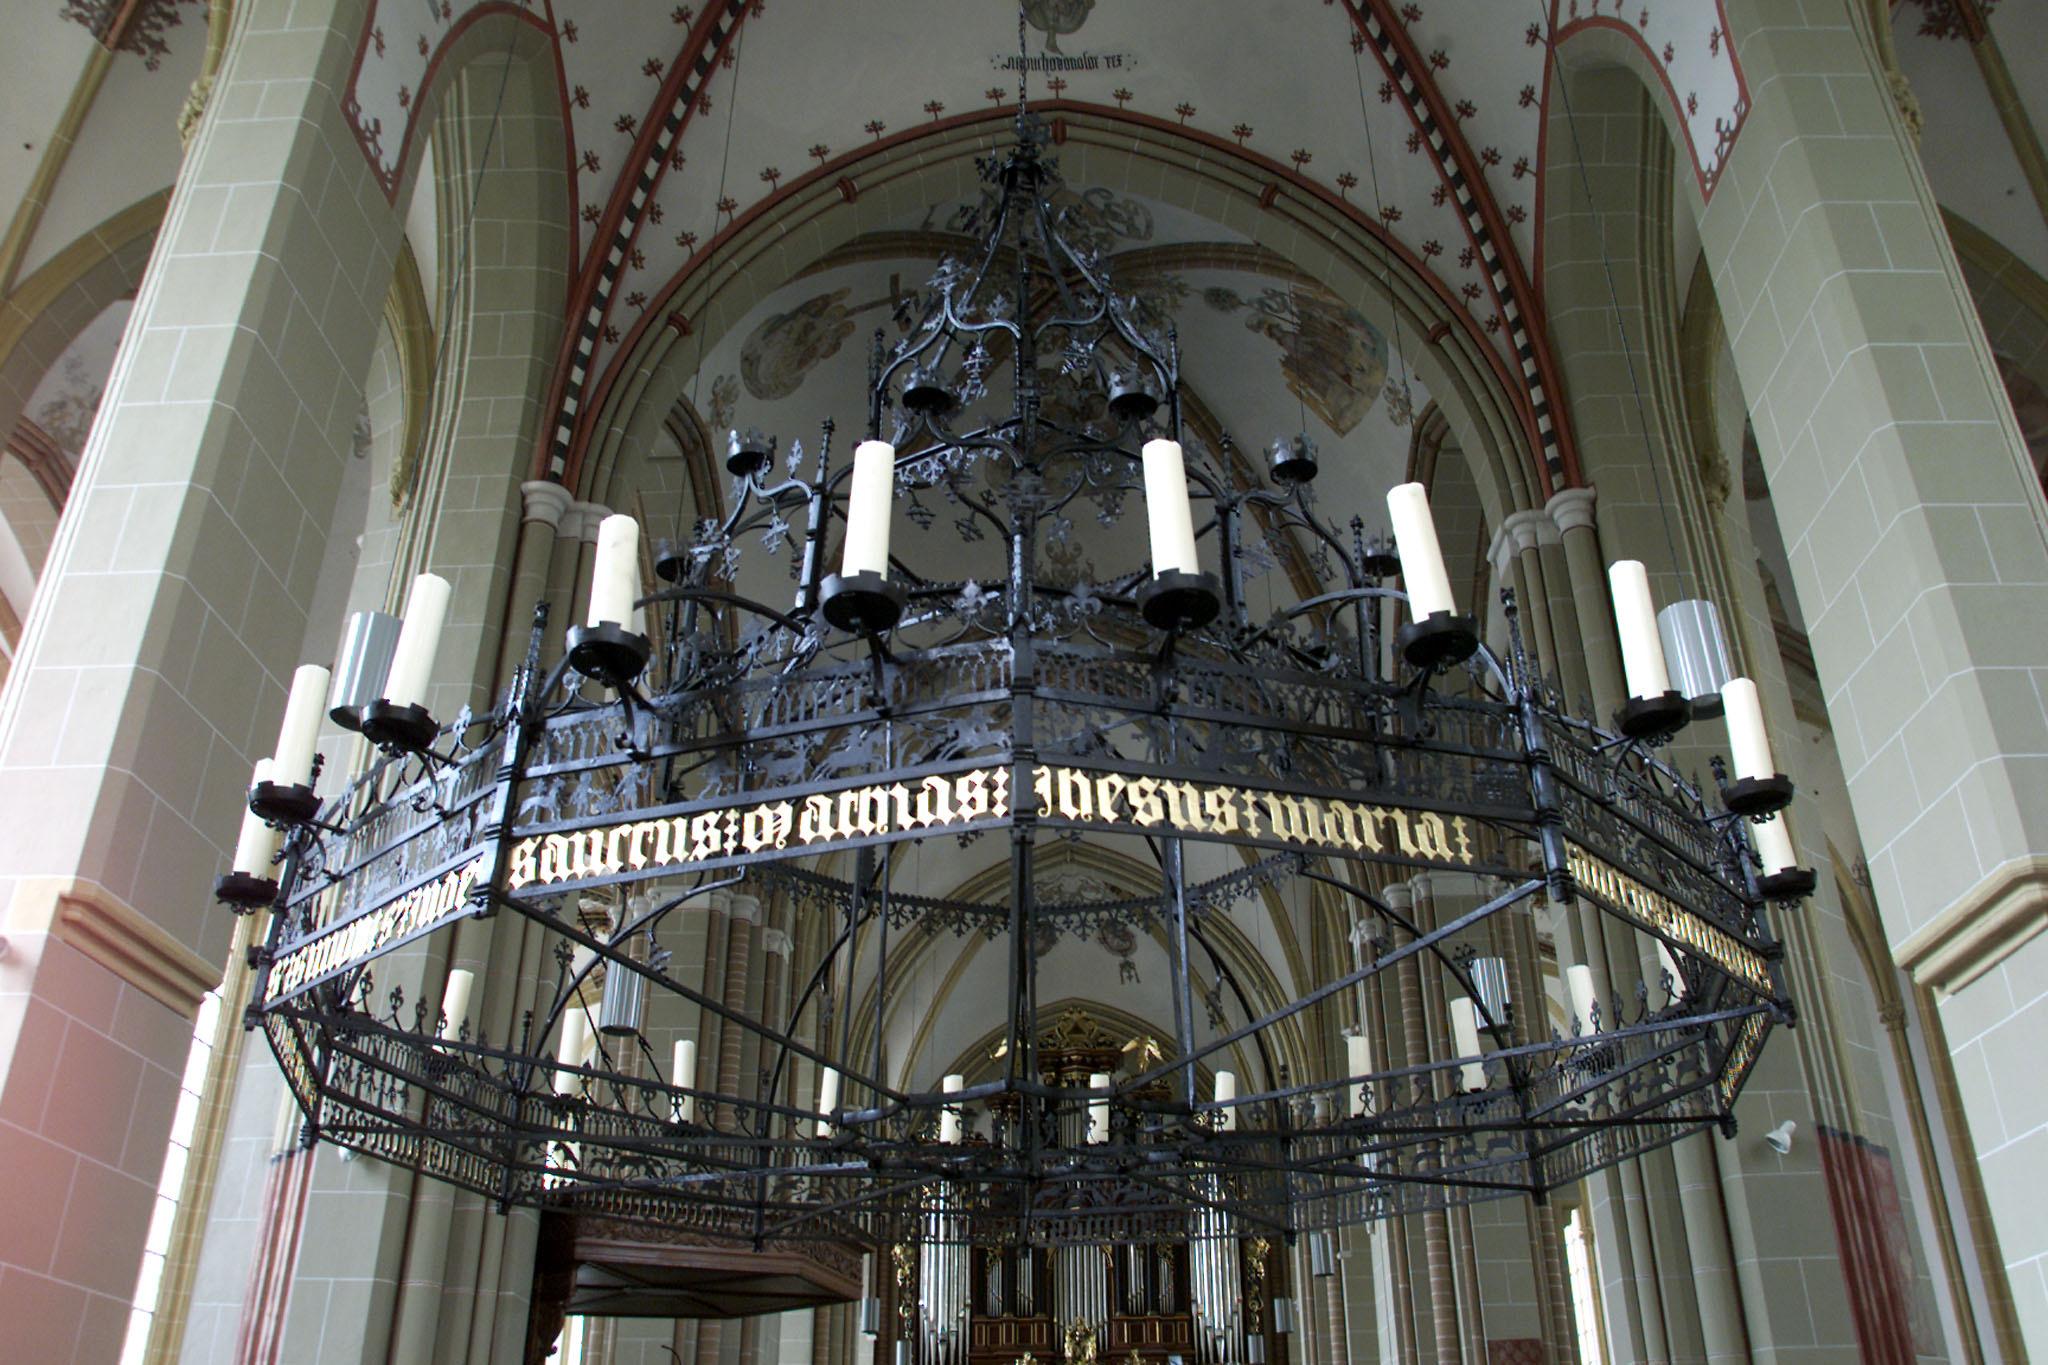 Zutphen - De kroonluchter in de Walburg kerk. Foto: Patrick van Gemert / Zutphens Persbureau